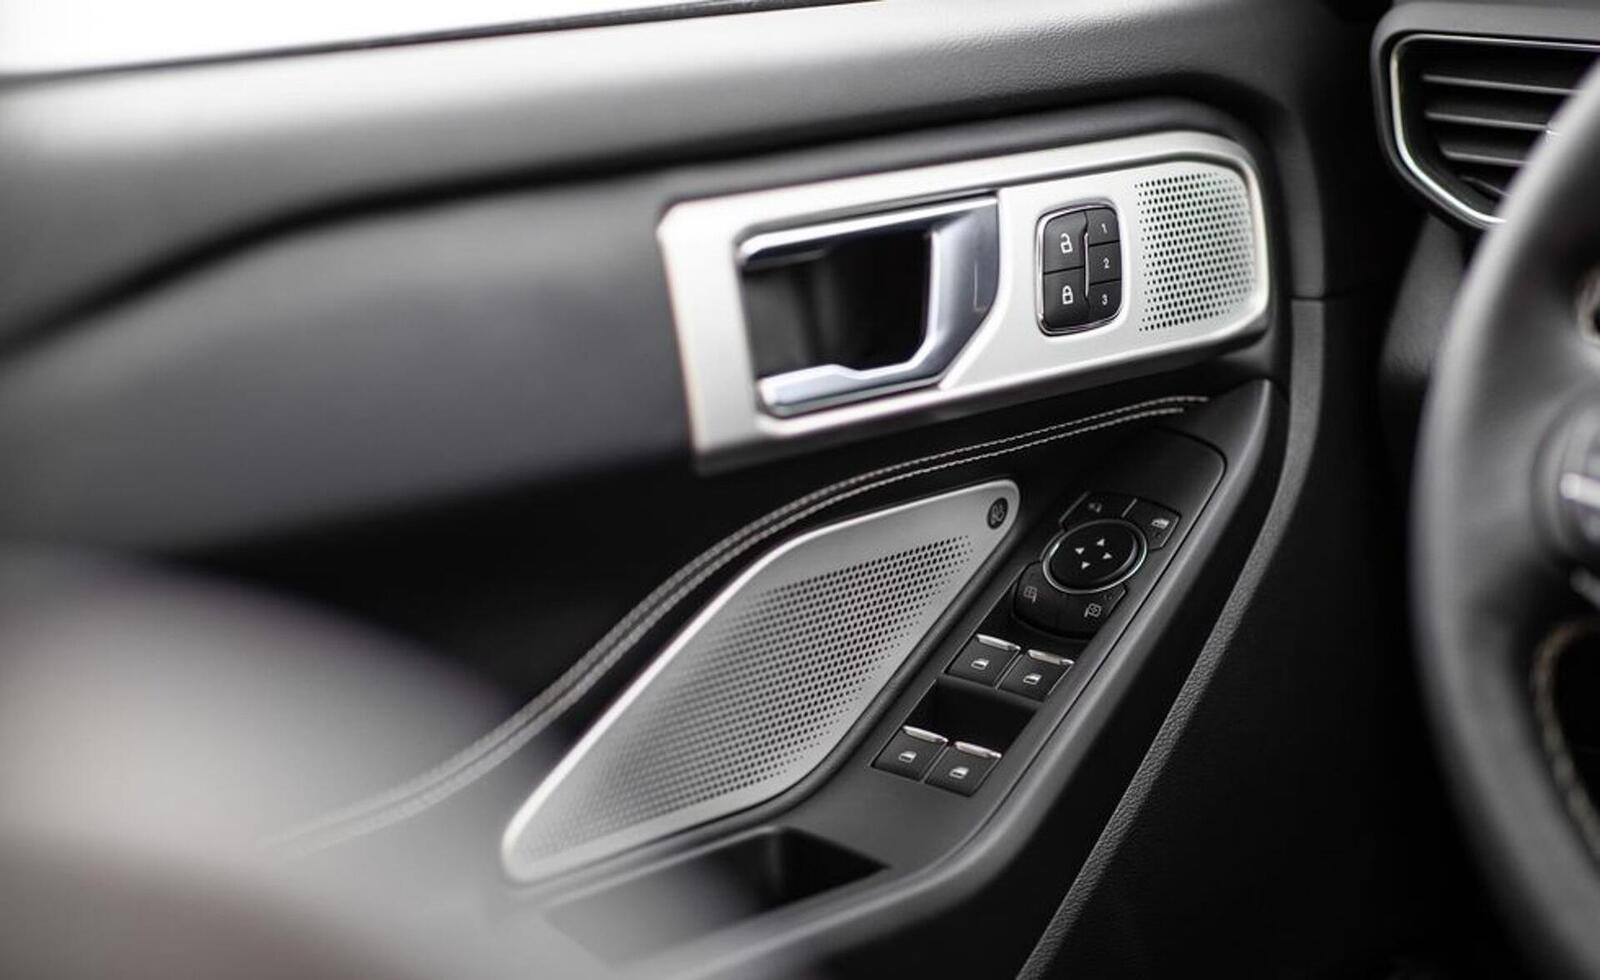 Ford giới thiệu Explorer ST 2020: Phiên bản mạnh nhất lắp máy V6 3.0L tăng áp 400 mã lực - Hình 20